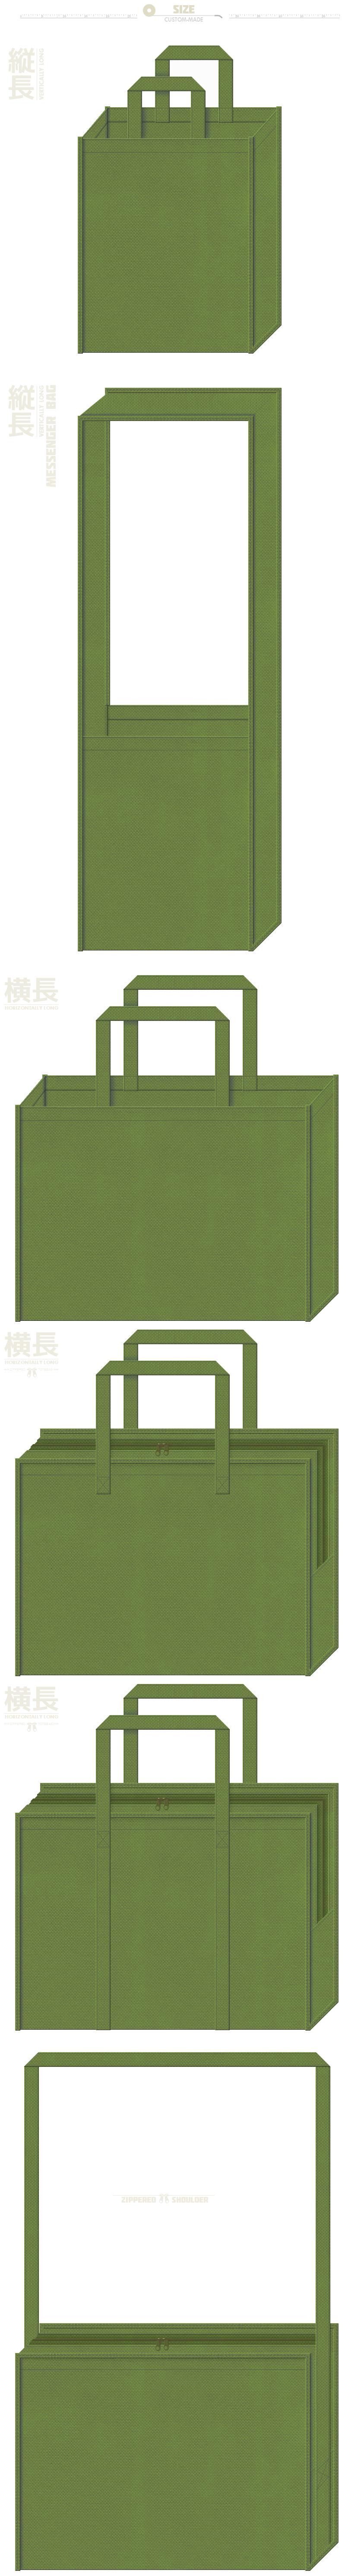 No.34 グラスグリーンカラーの不織布トートバッグ(バイアス巻き縫製)